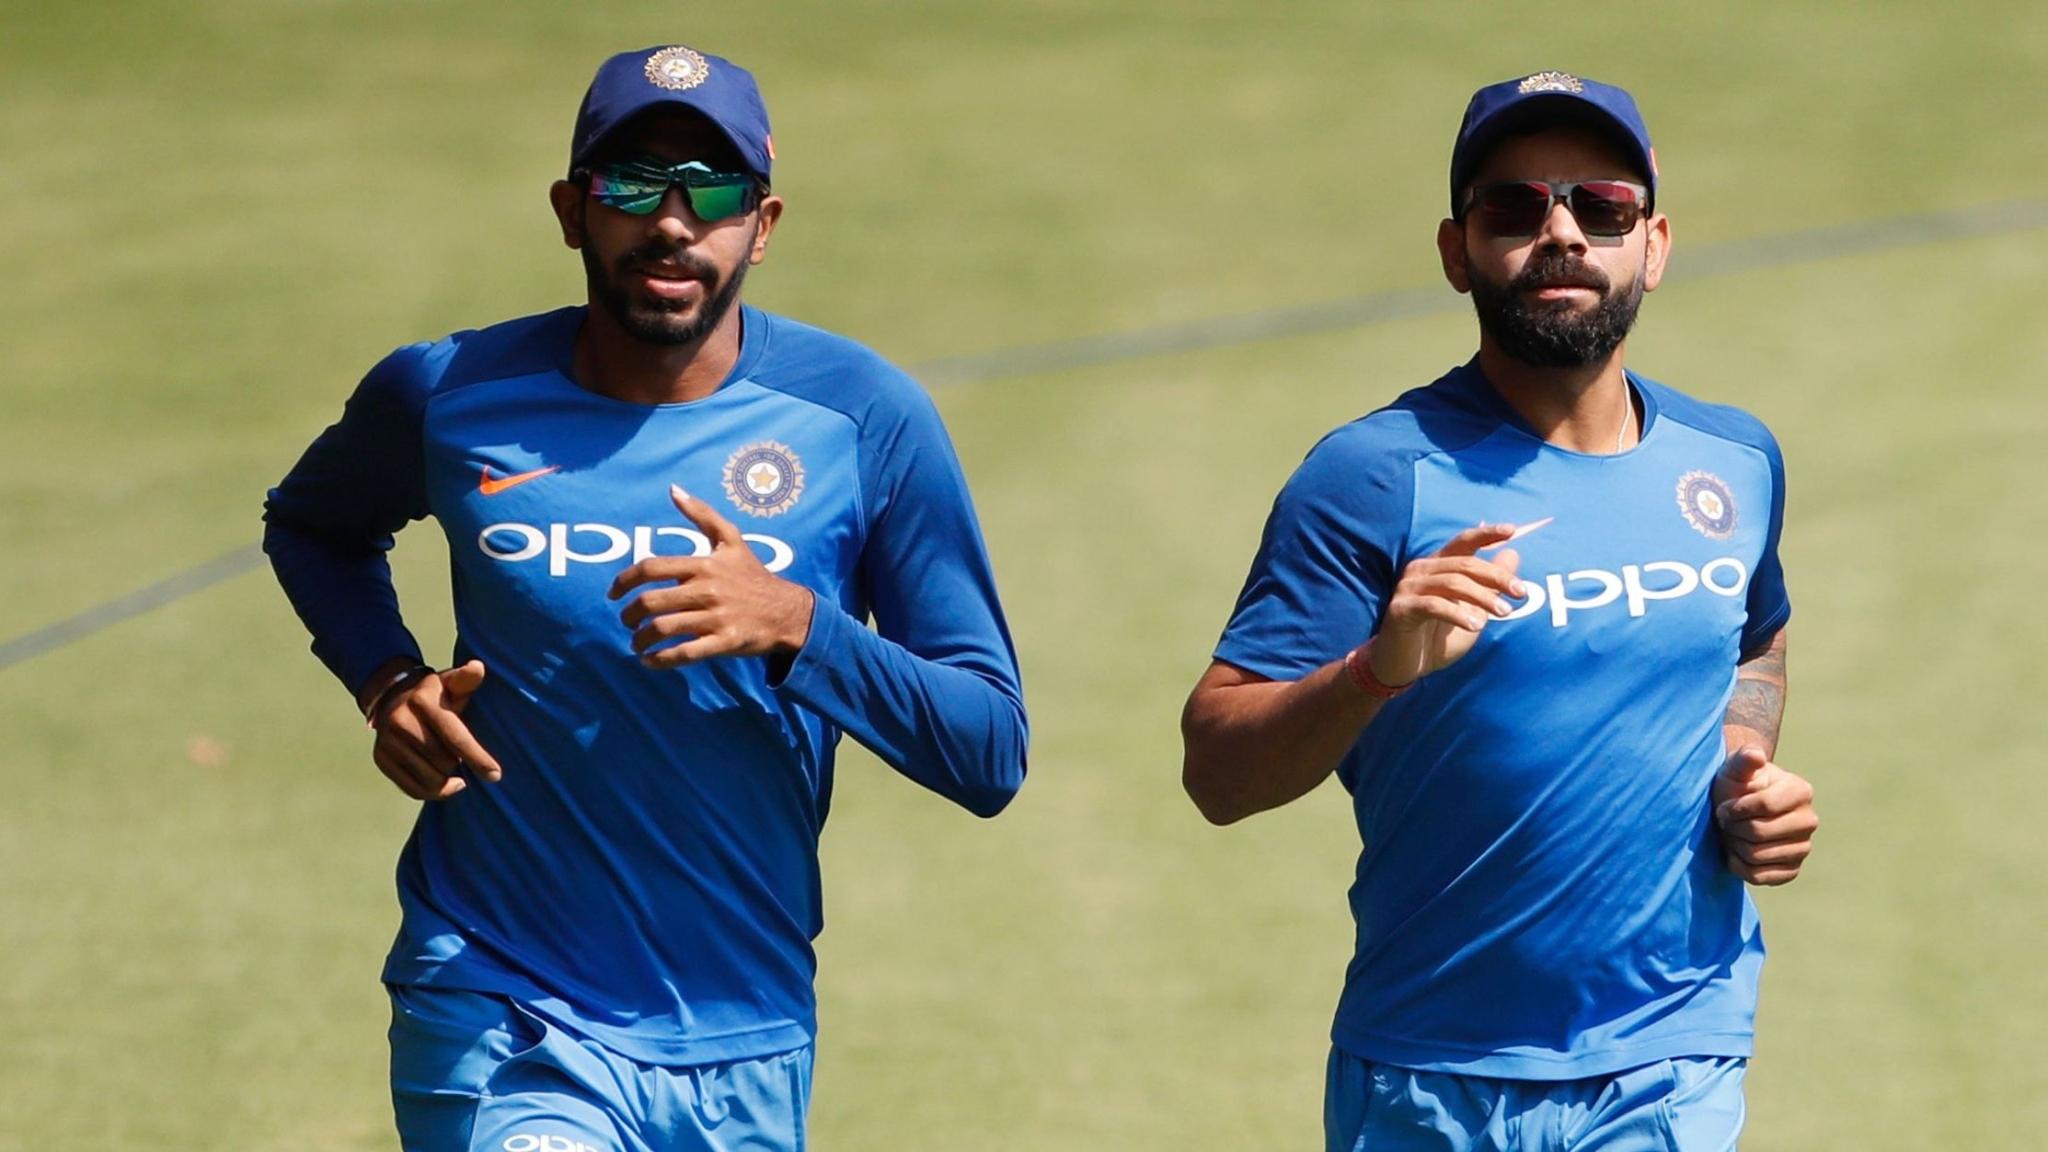 Rankings: Kohli Continues at No 1 in ODIs; Bumrah Loses Top Spot